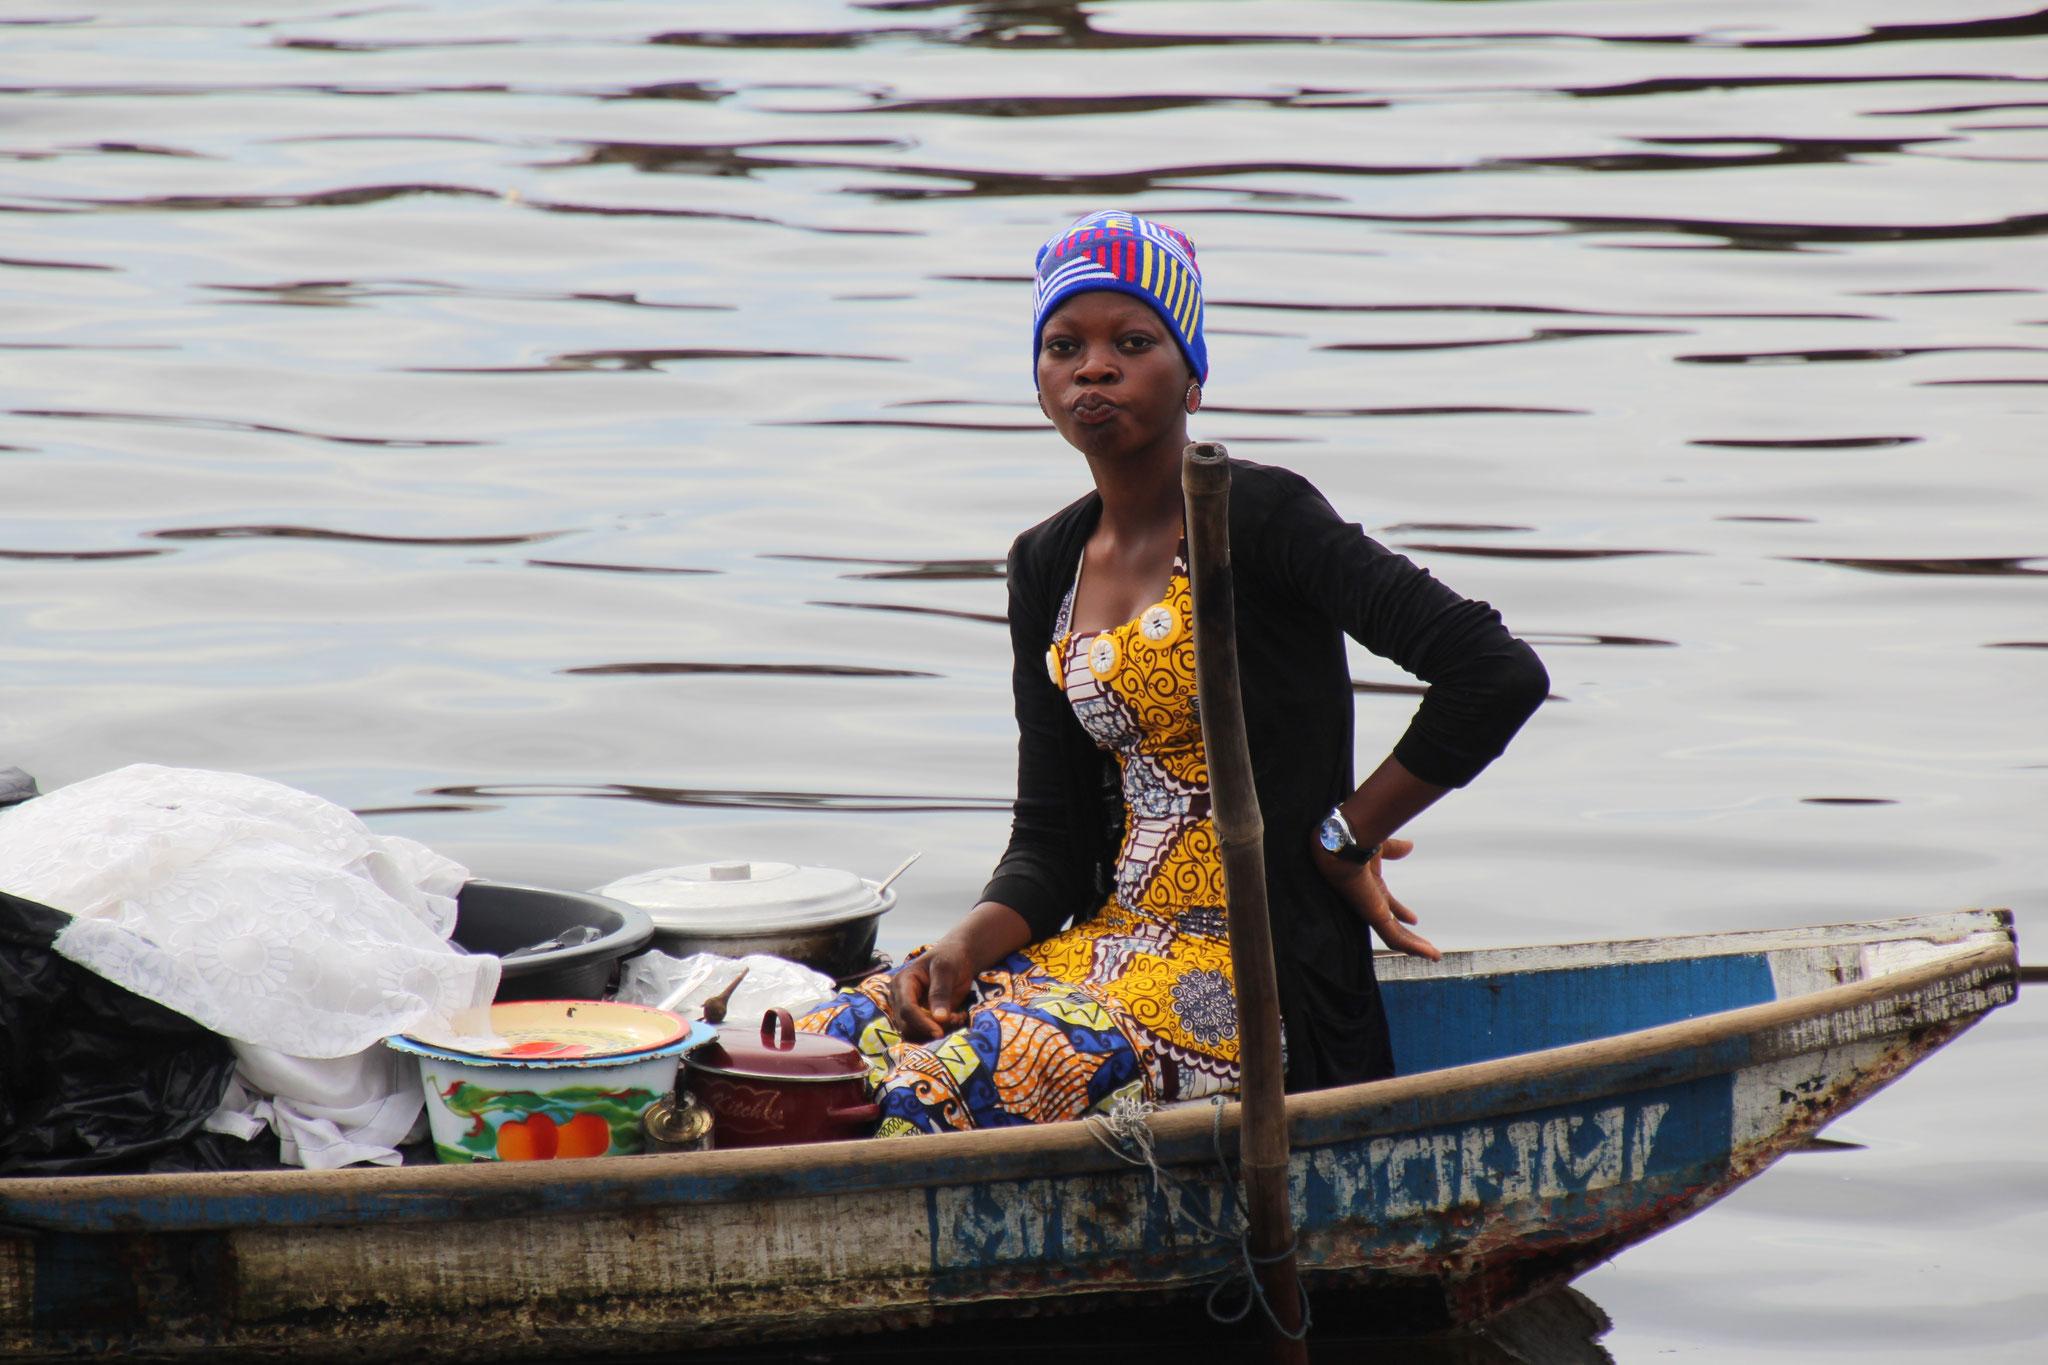 Junge Marktfrau.